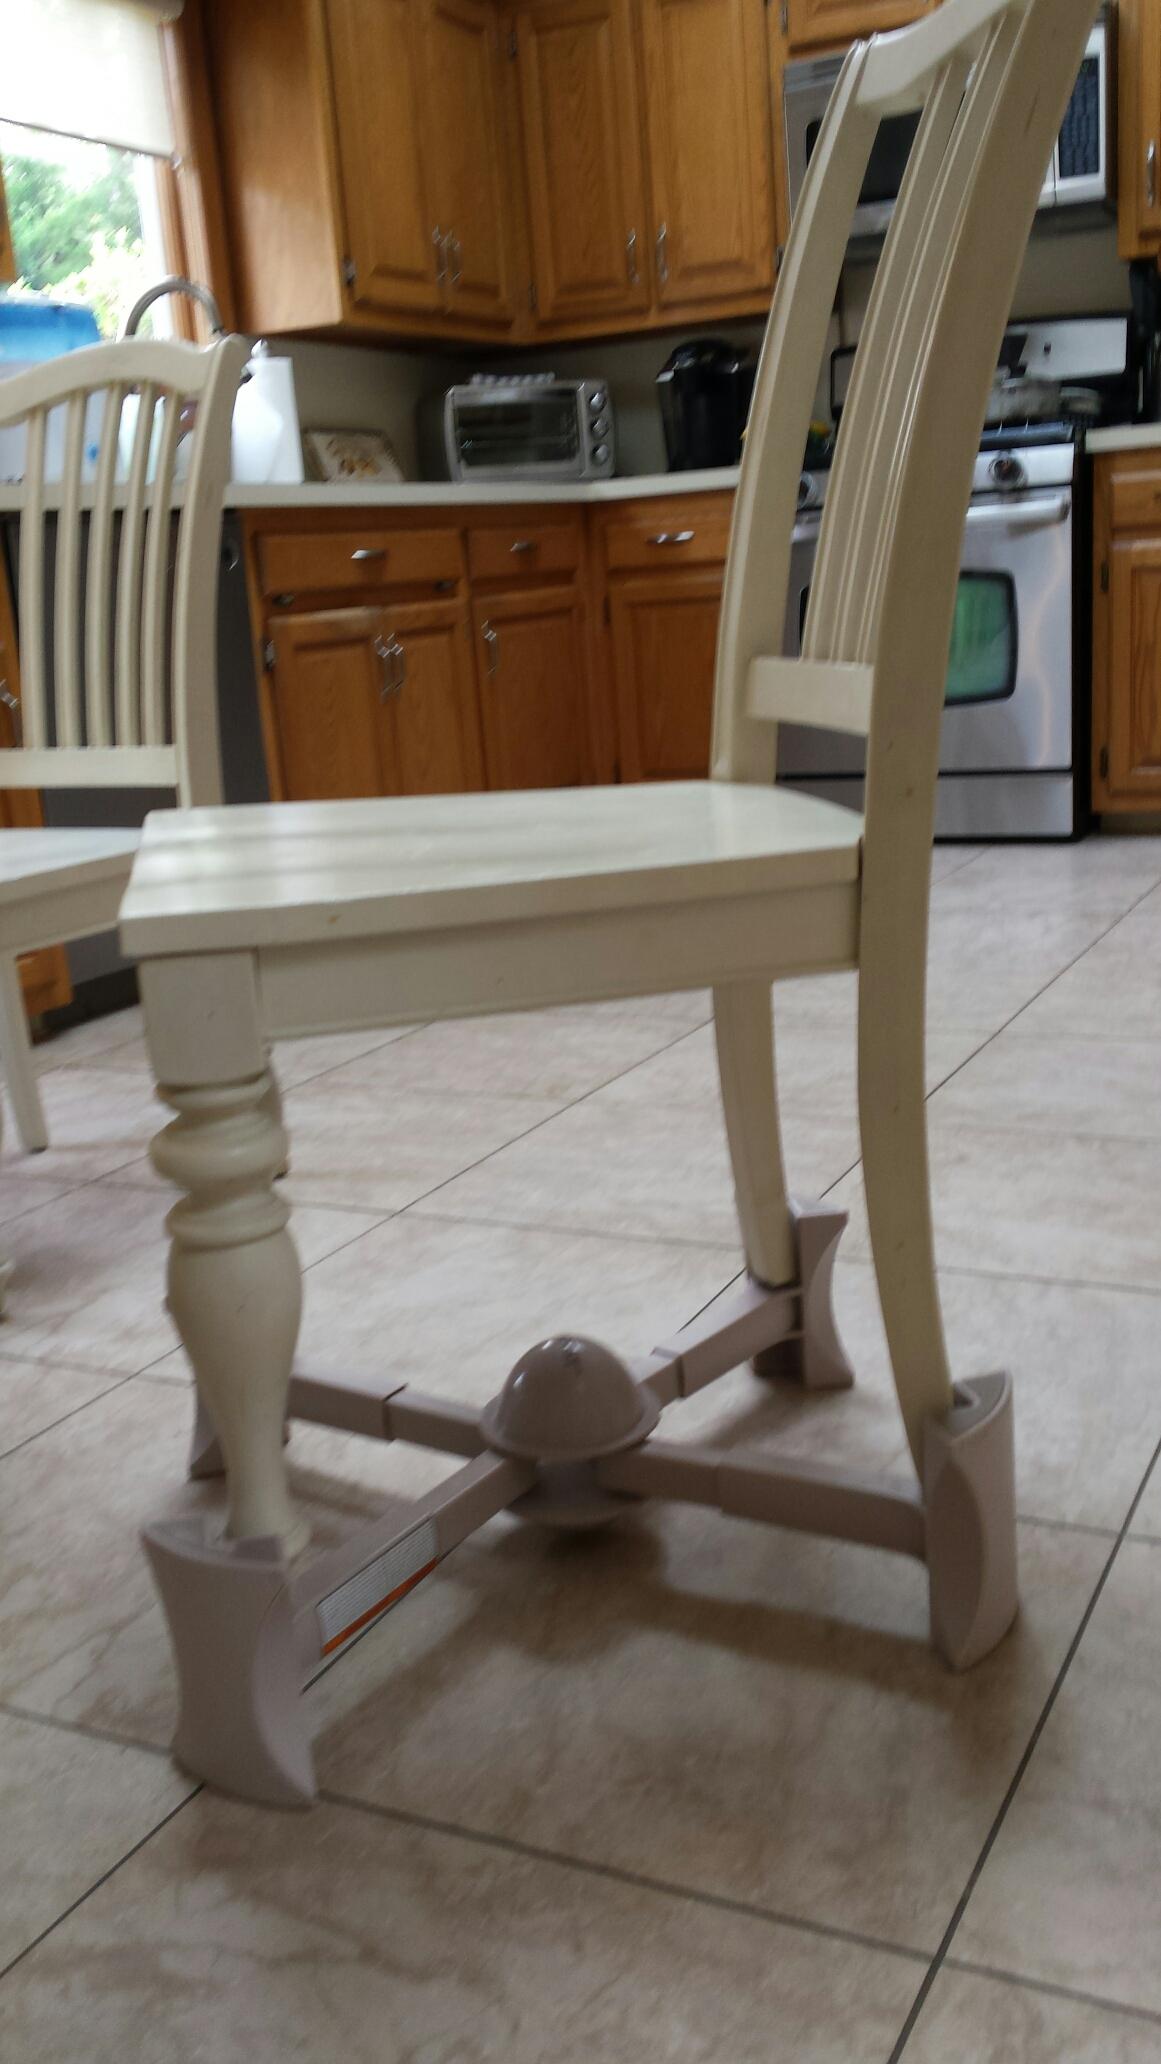 kaboost kitchen chair booster